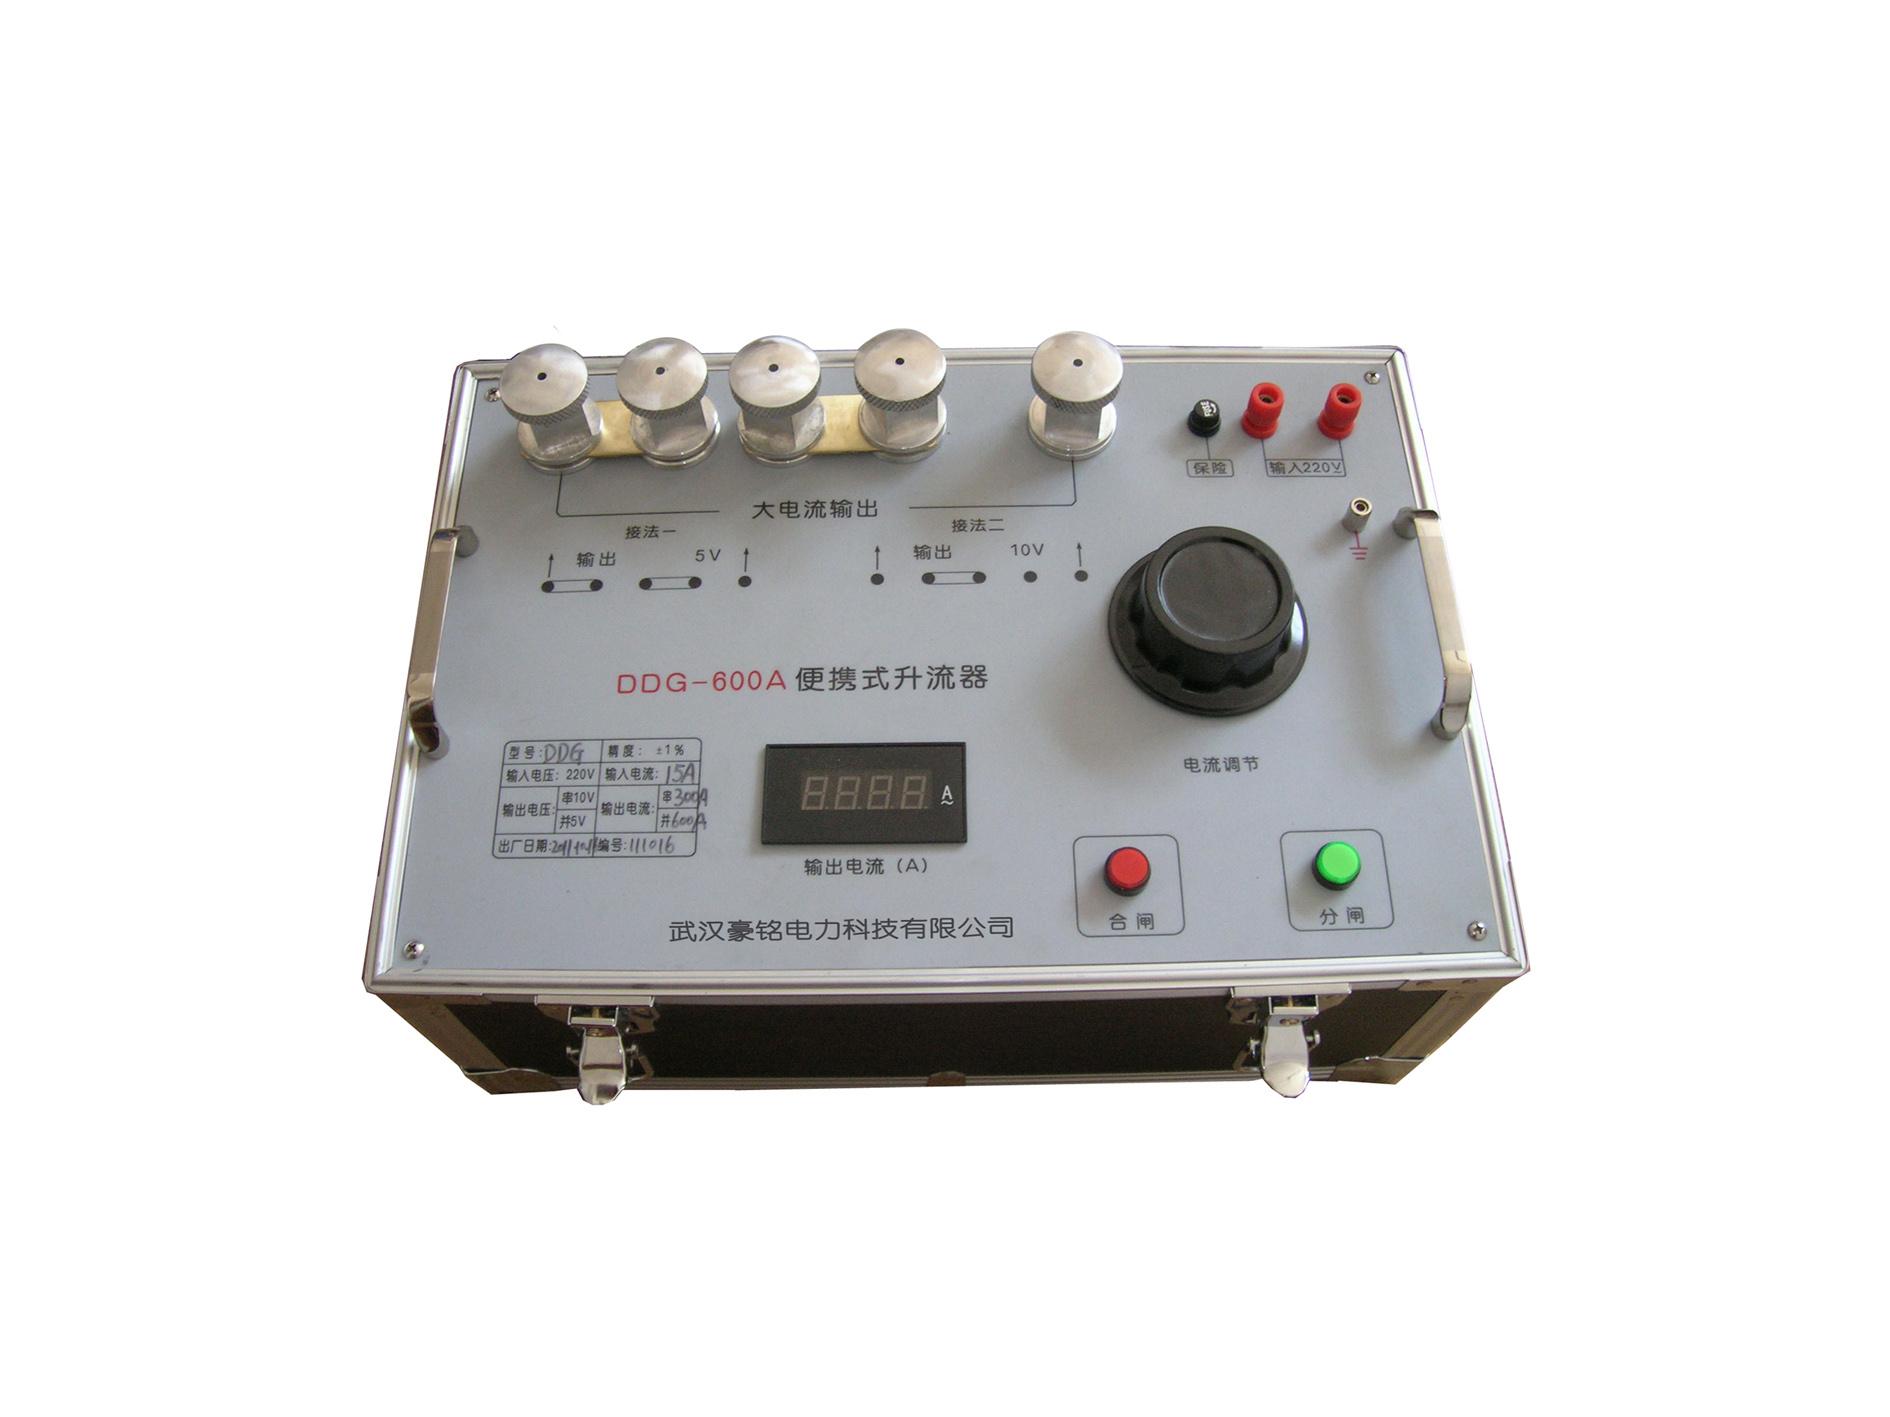 DDG-600A便攜式升流器